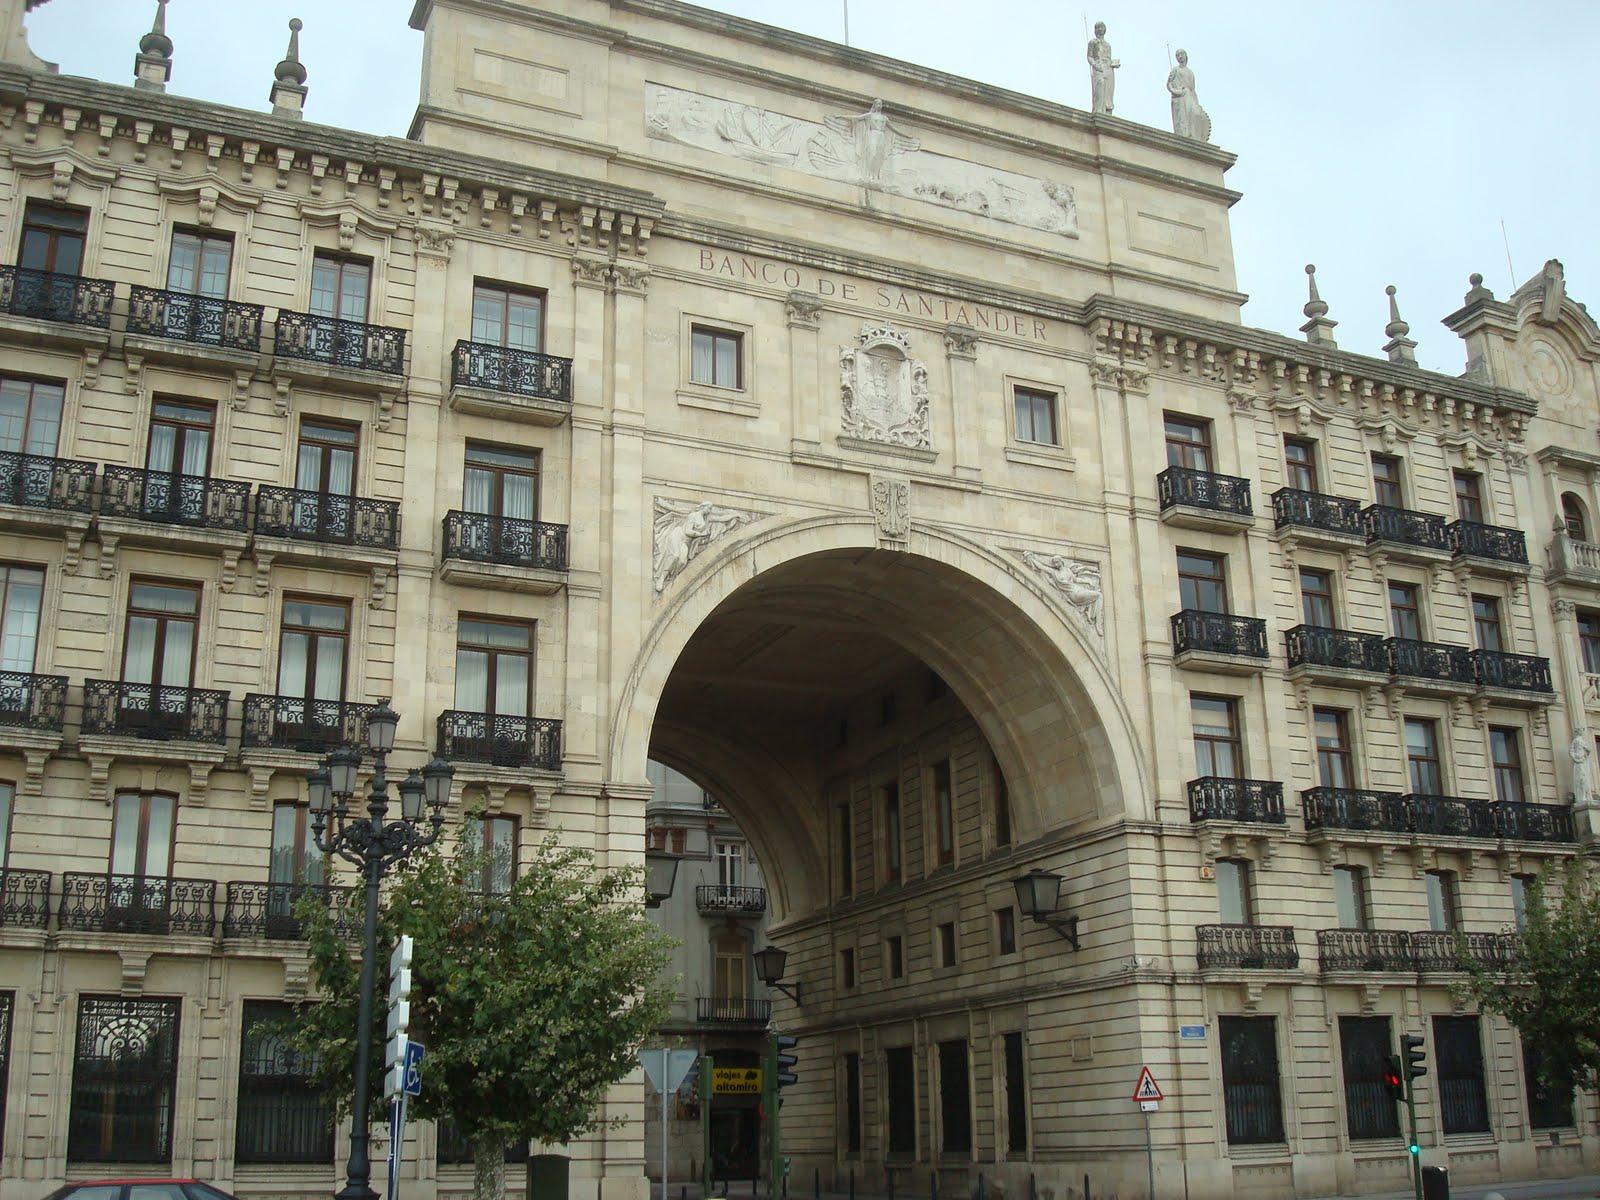 Ver espa a for Banco santander abierto sabado madrid